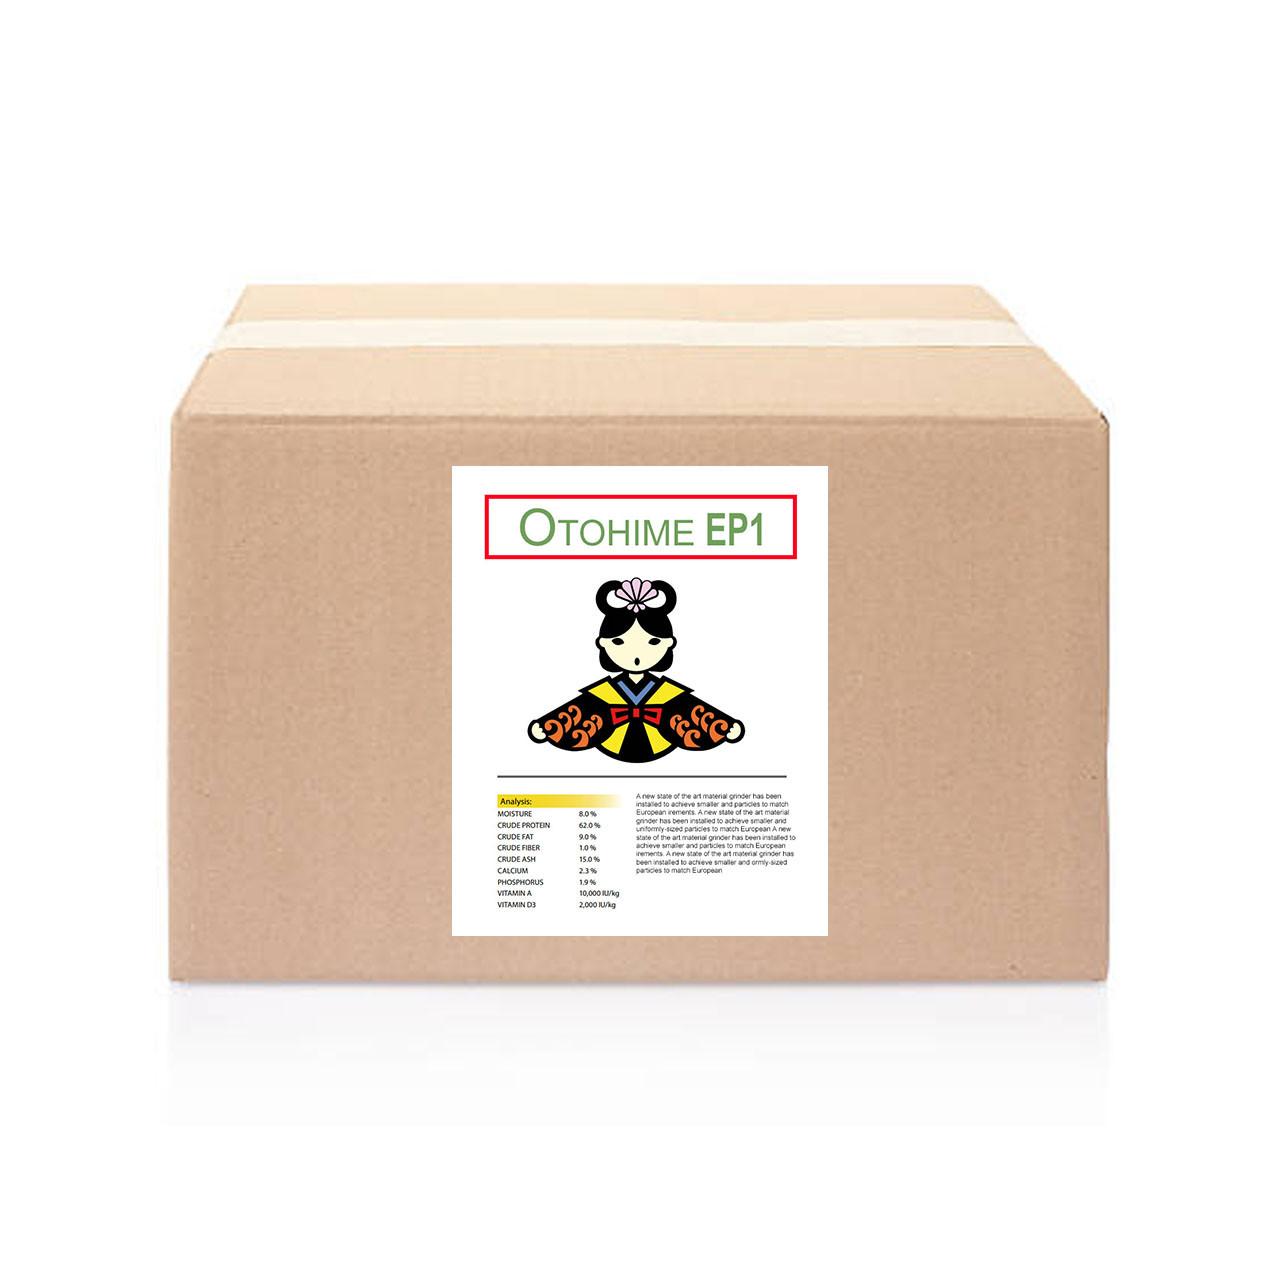 Otohime EP1 1.7 mm [Caja 10 kilos]